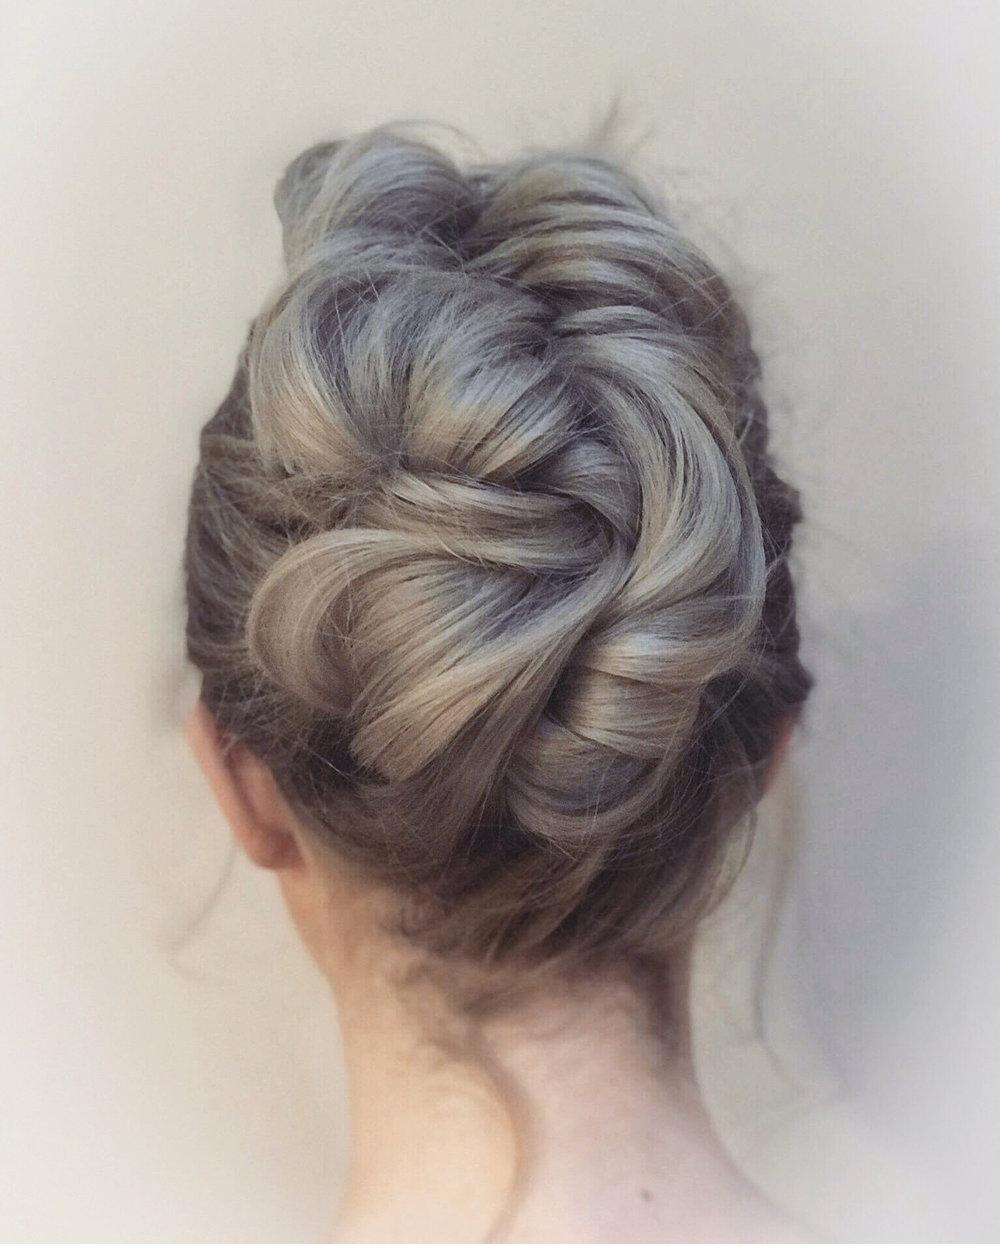 Vi har undervist andre frisører i quick fix updo som dette.